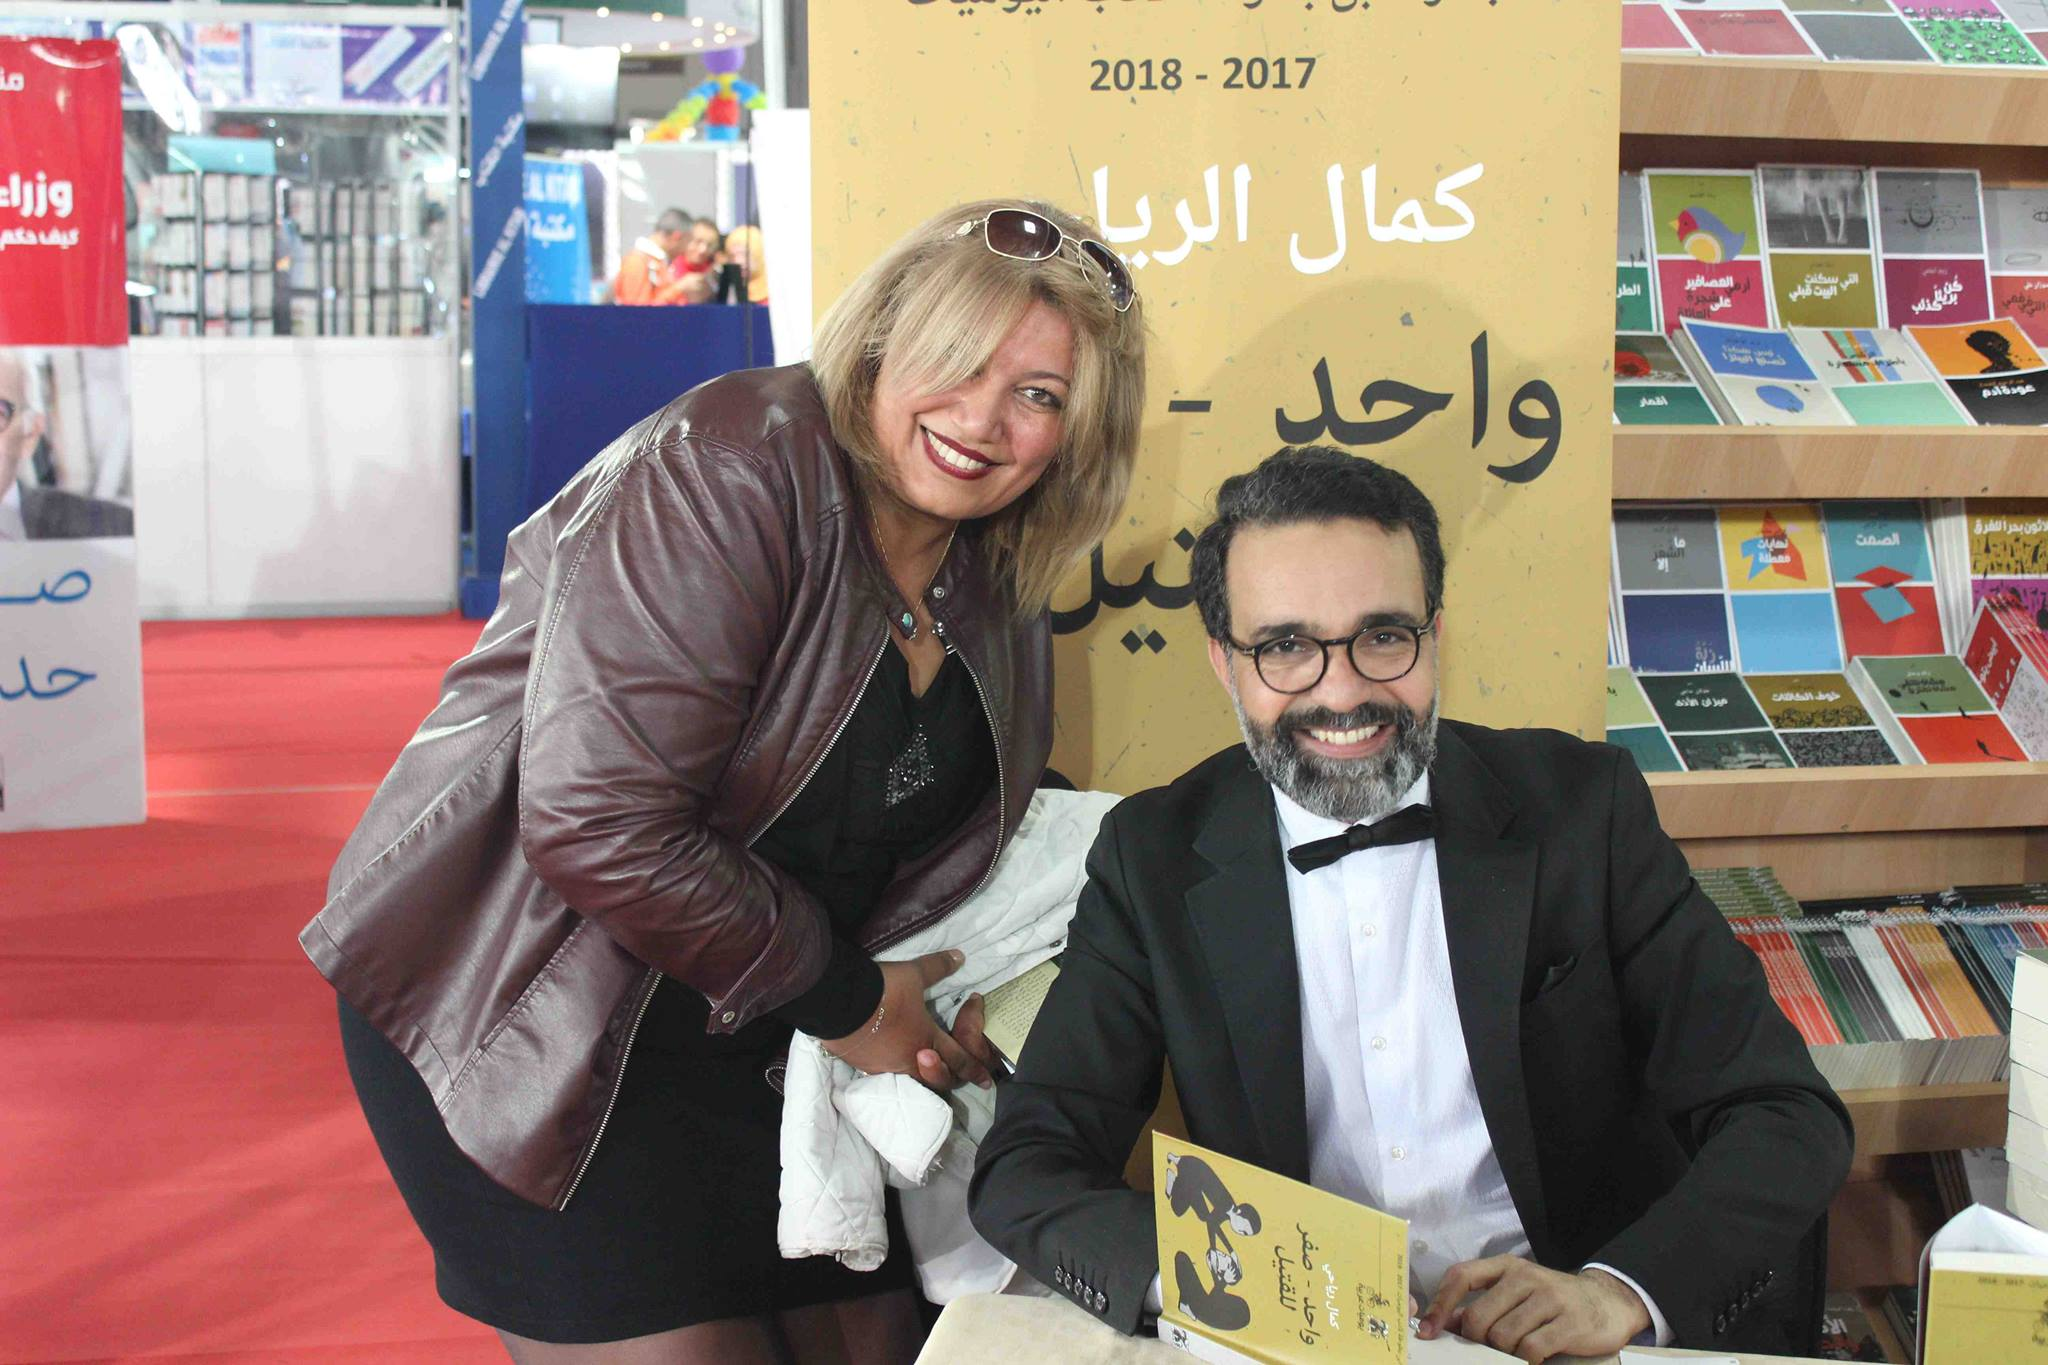 كمال الرياحى يوقع كتابه واحد صفر للقتيل الفائز بجائزة ابن بطوطة فى معرض تونس (3)